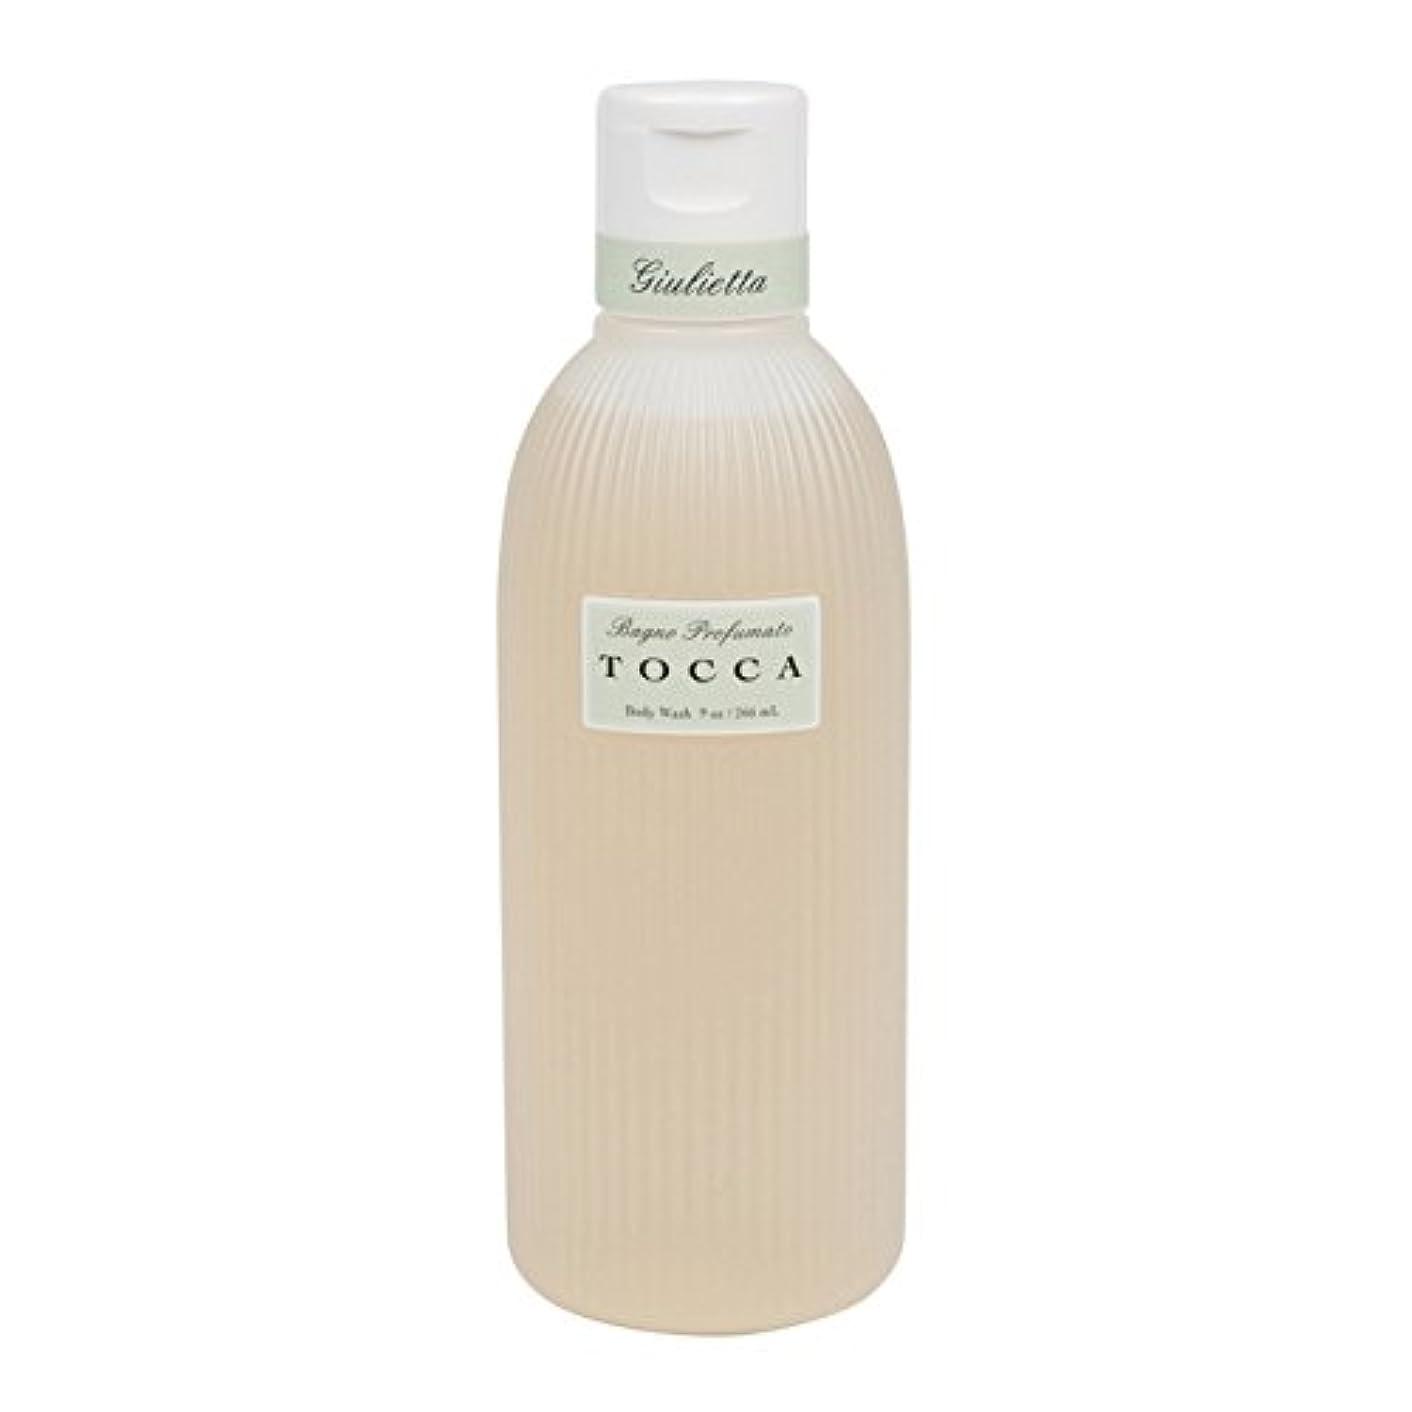 バルブサスティーン溶かすトッカ(TOCCA) ボディーケアウォッシュ ジュリエッタの香り  266ml(全身用洗浄料 ボディーソープ ピンクチューリップとグリーンアップルの爽やかで甘い香り)